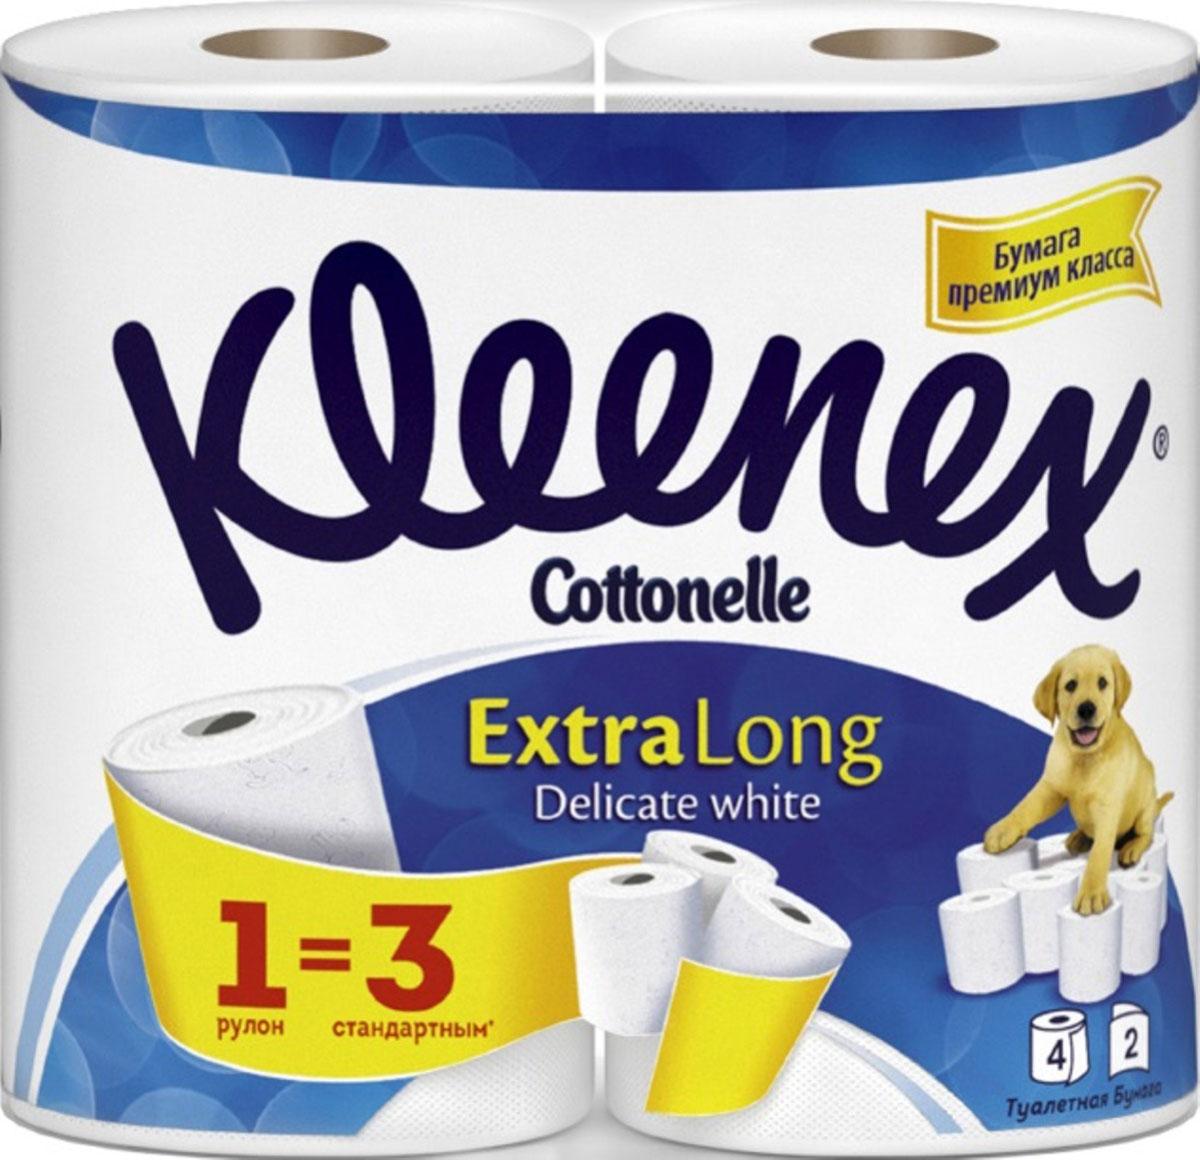 Kleenex Cottonelle Туалетная бумага Extra Long, двухслойная, цвет: белый, 4 рулона. 9450044 туалетная бумага biocos двухслойная цвет белый 4 рулона